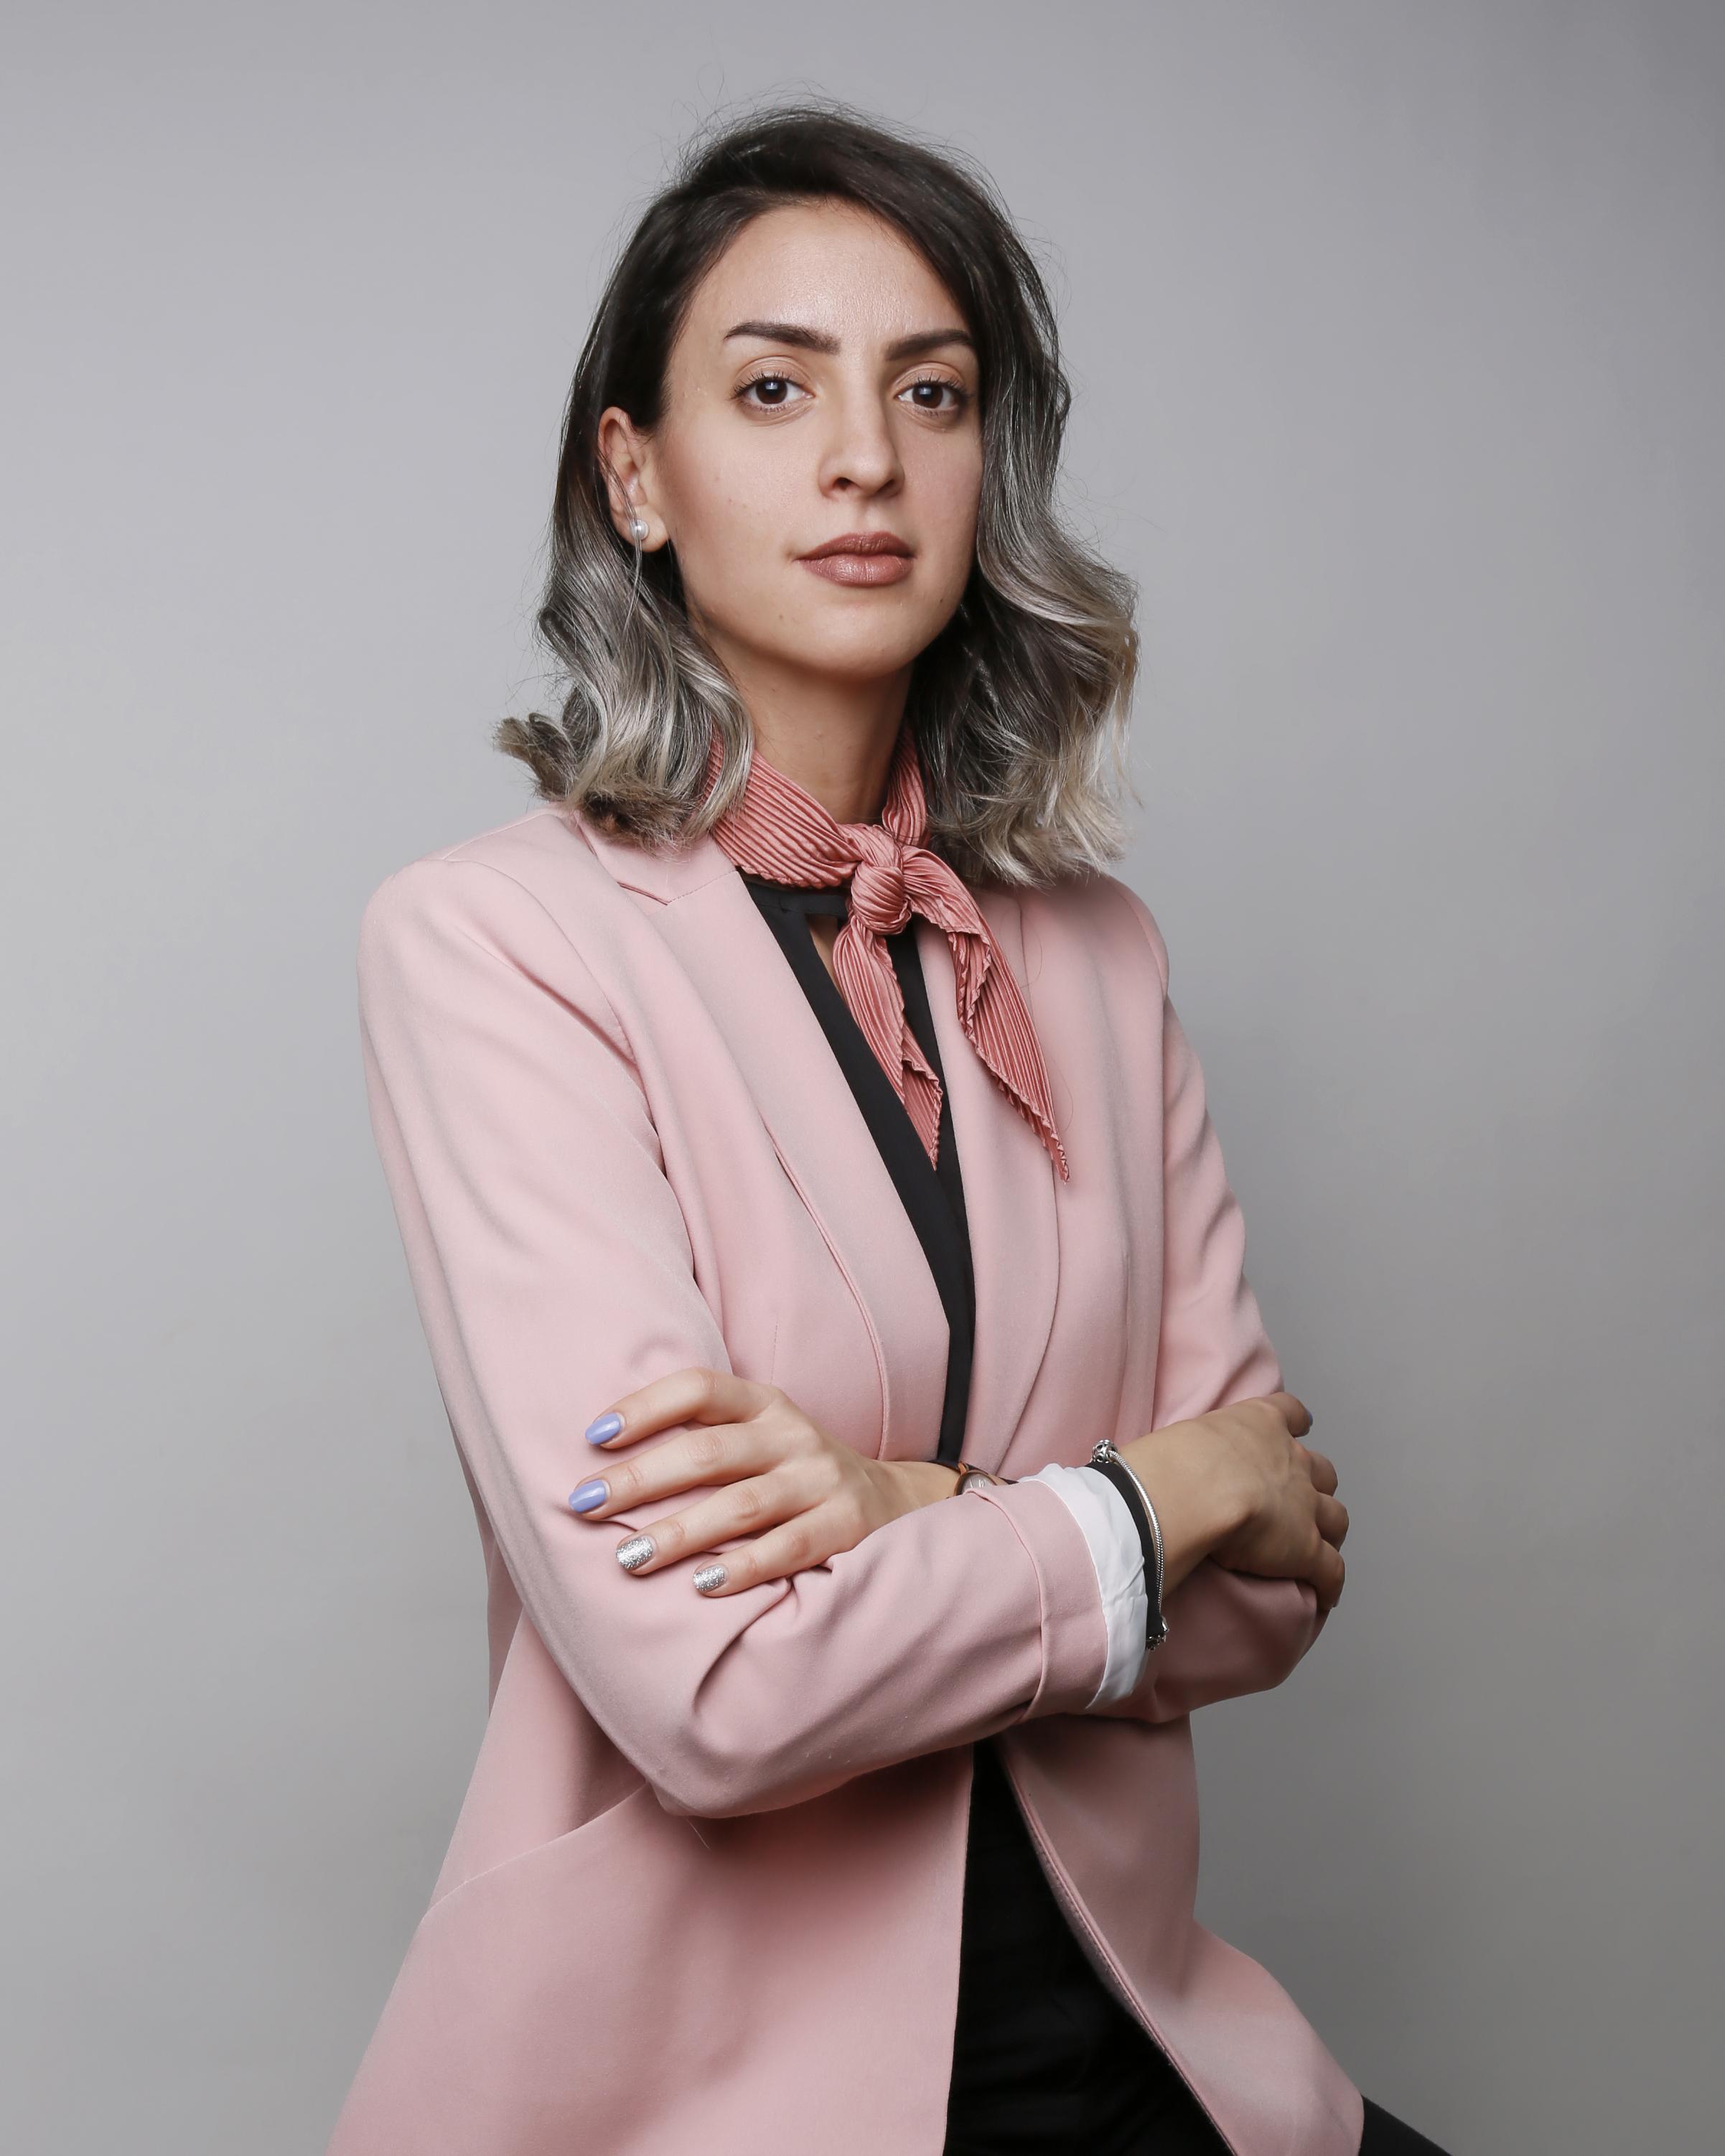 Ana Čučukov